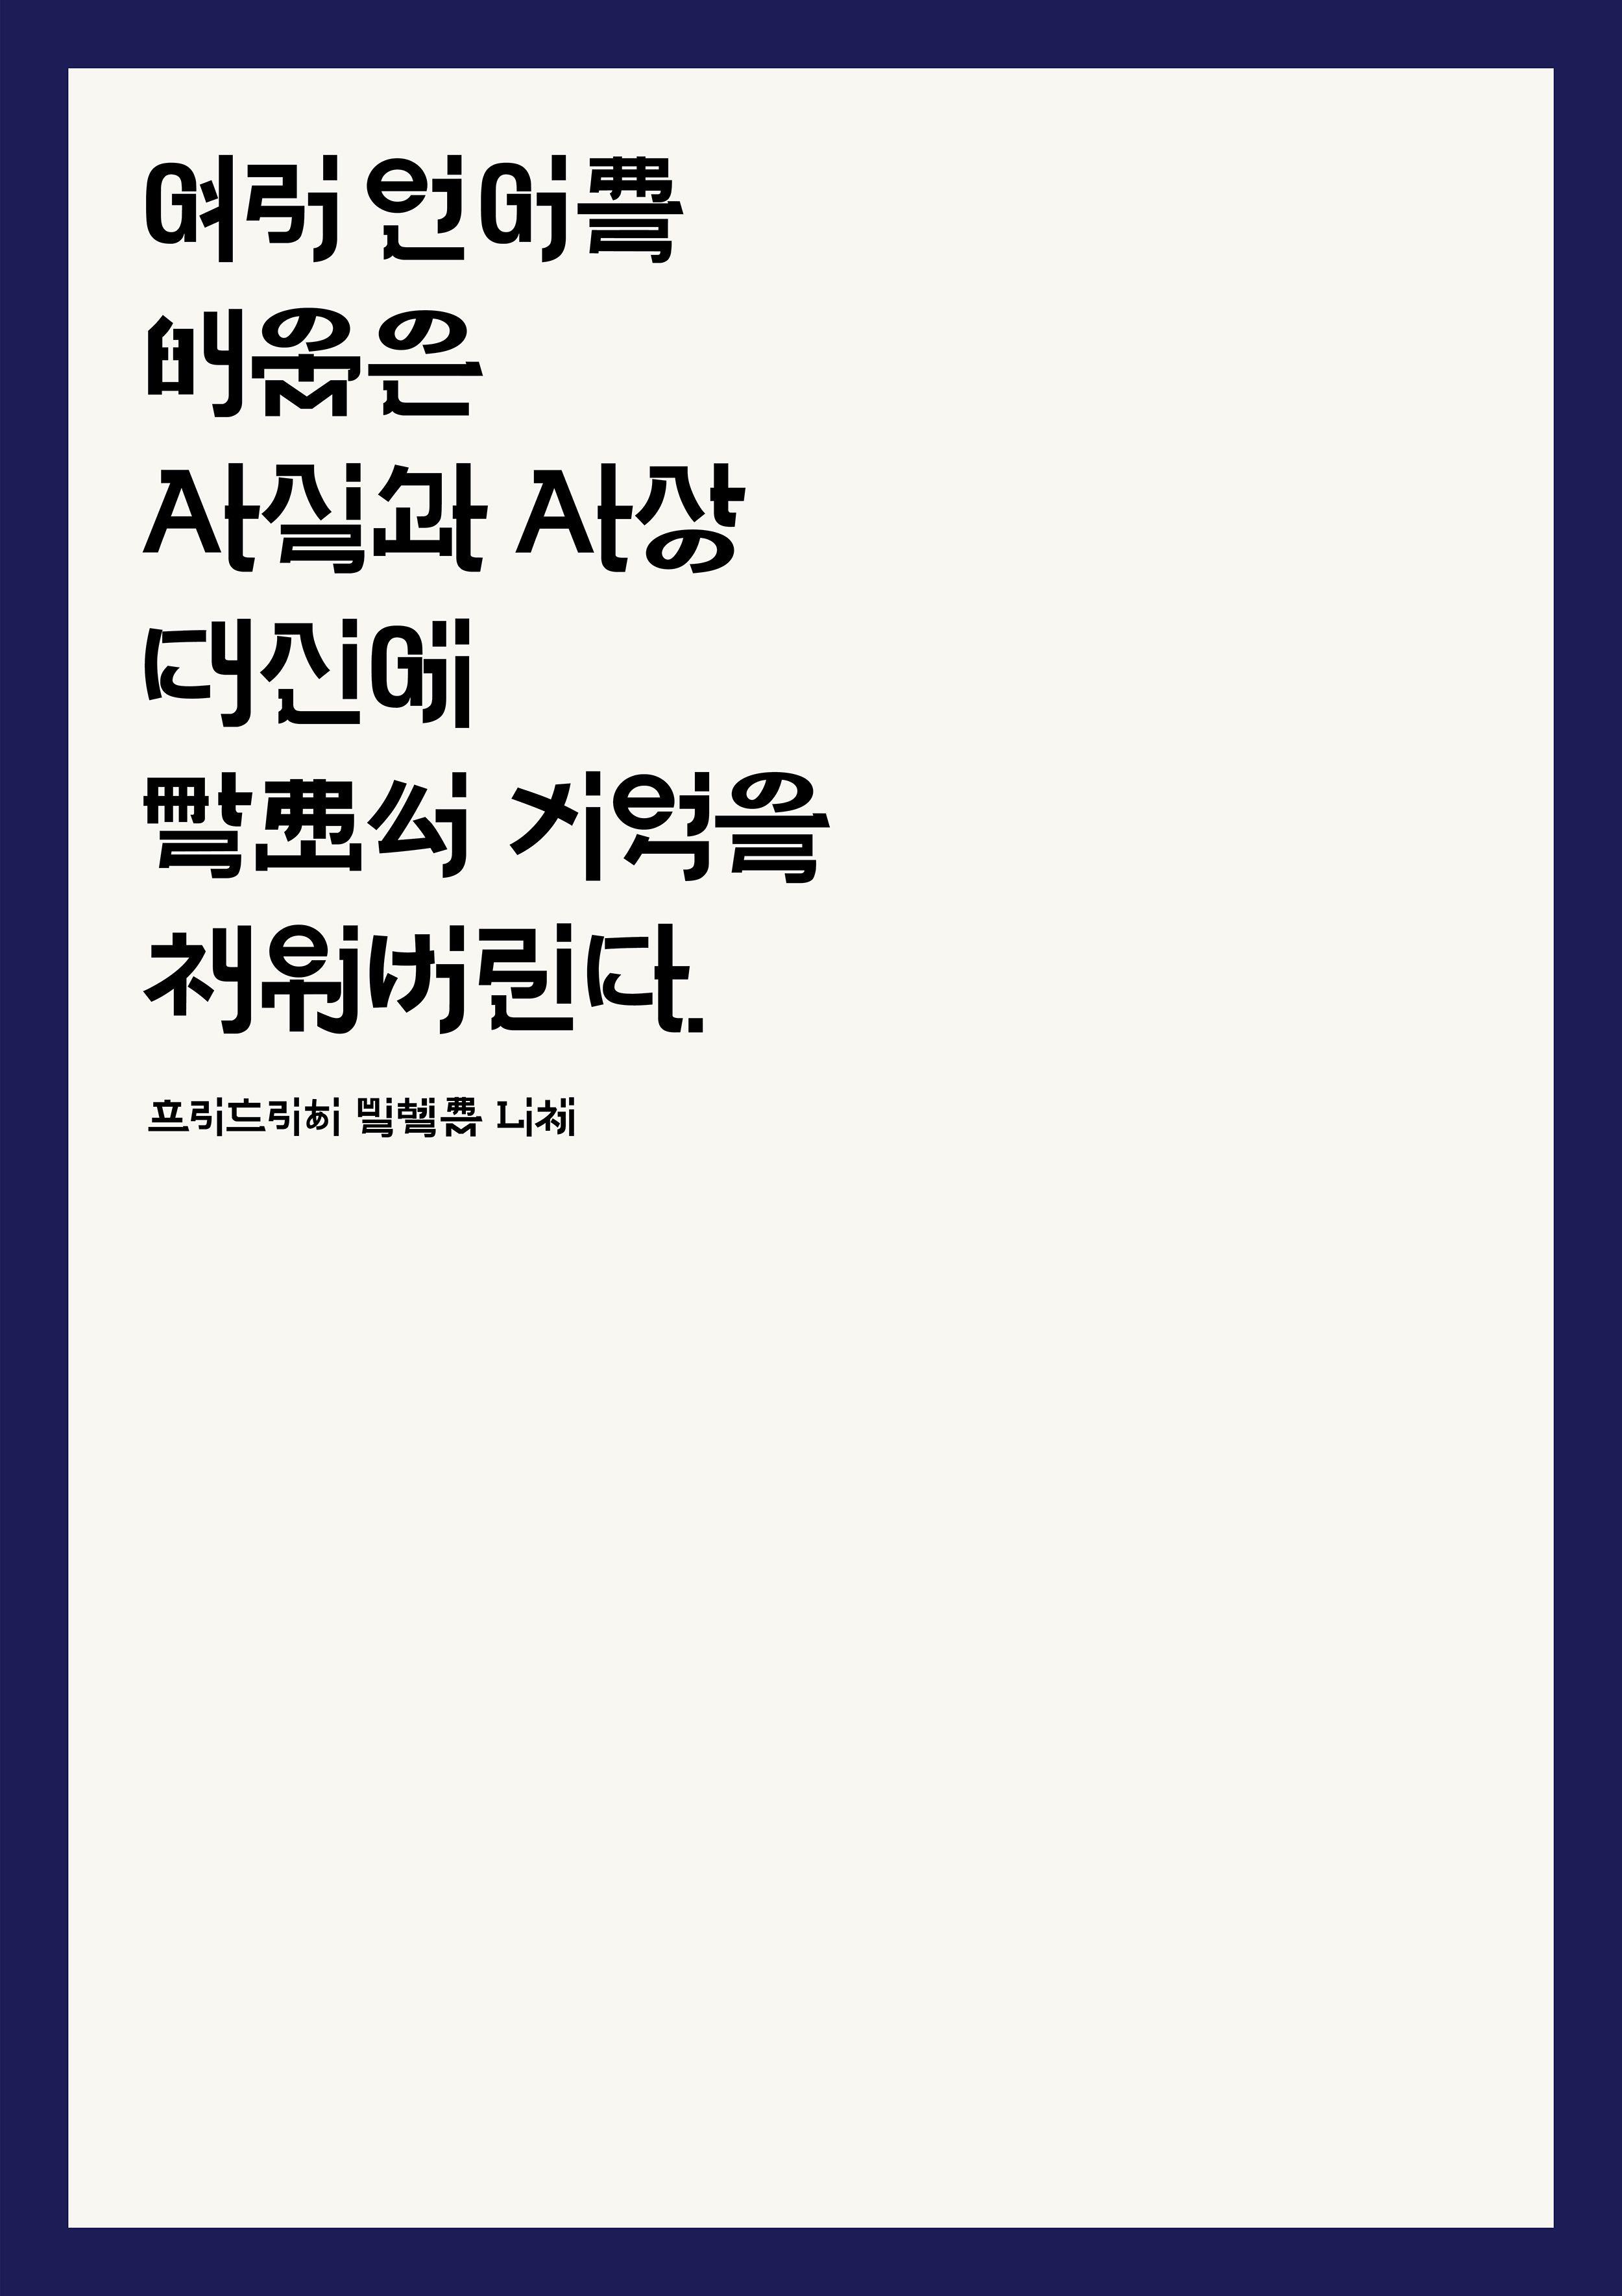 nz_poster_front.jpg